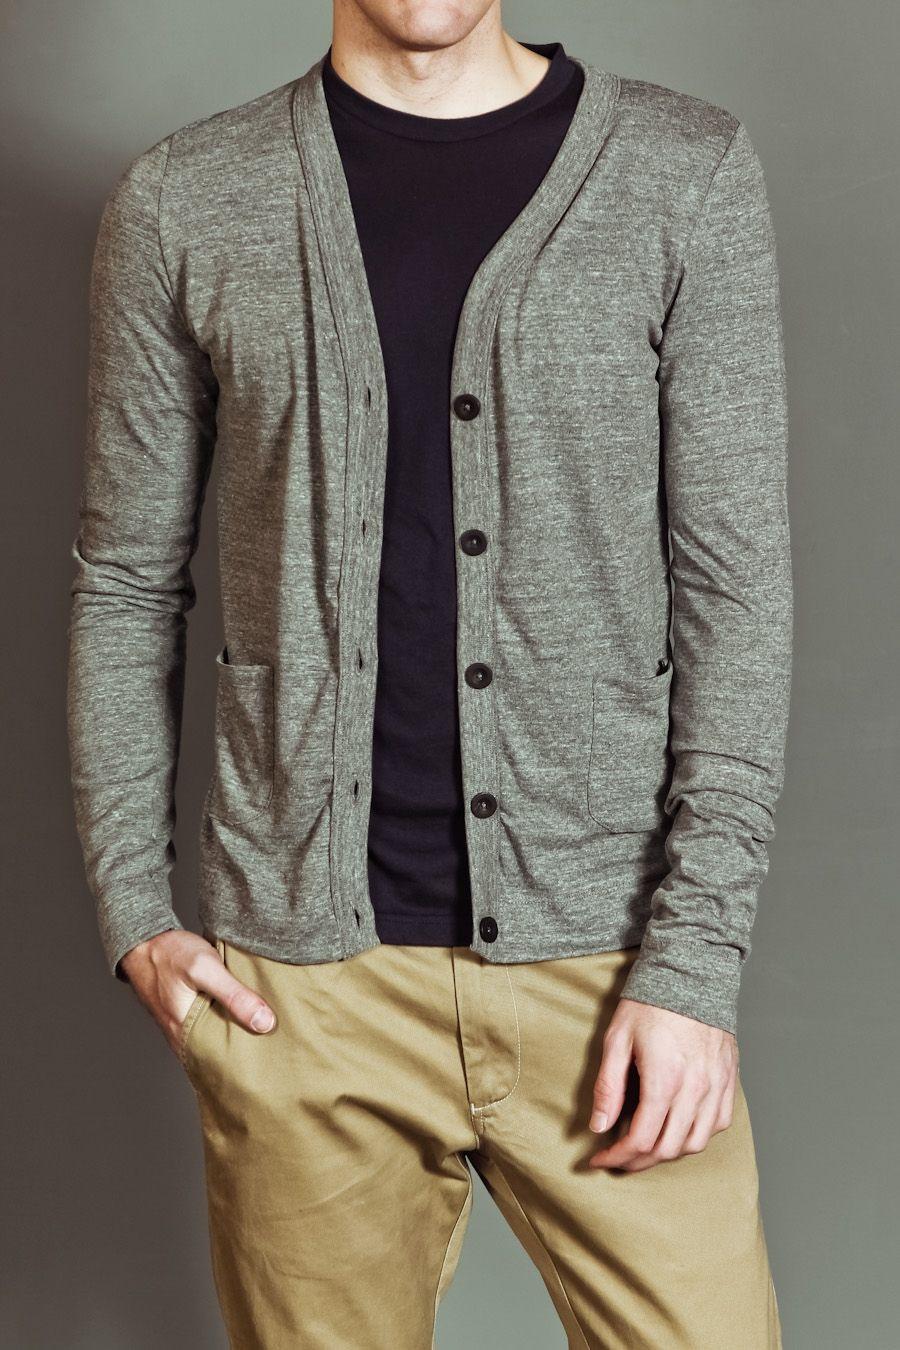 LAYM Long Sleeve Tri-Blend Slim Fit Cardigan Tri-Grey